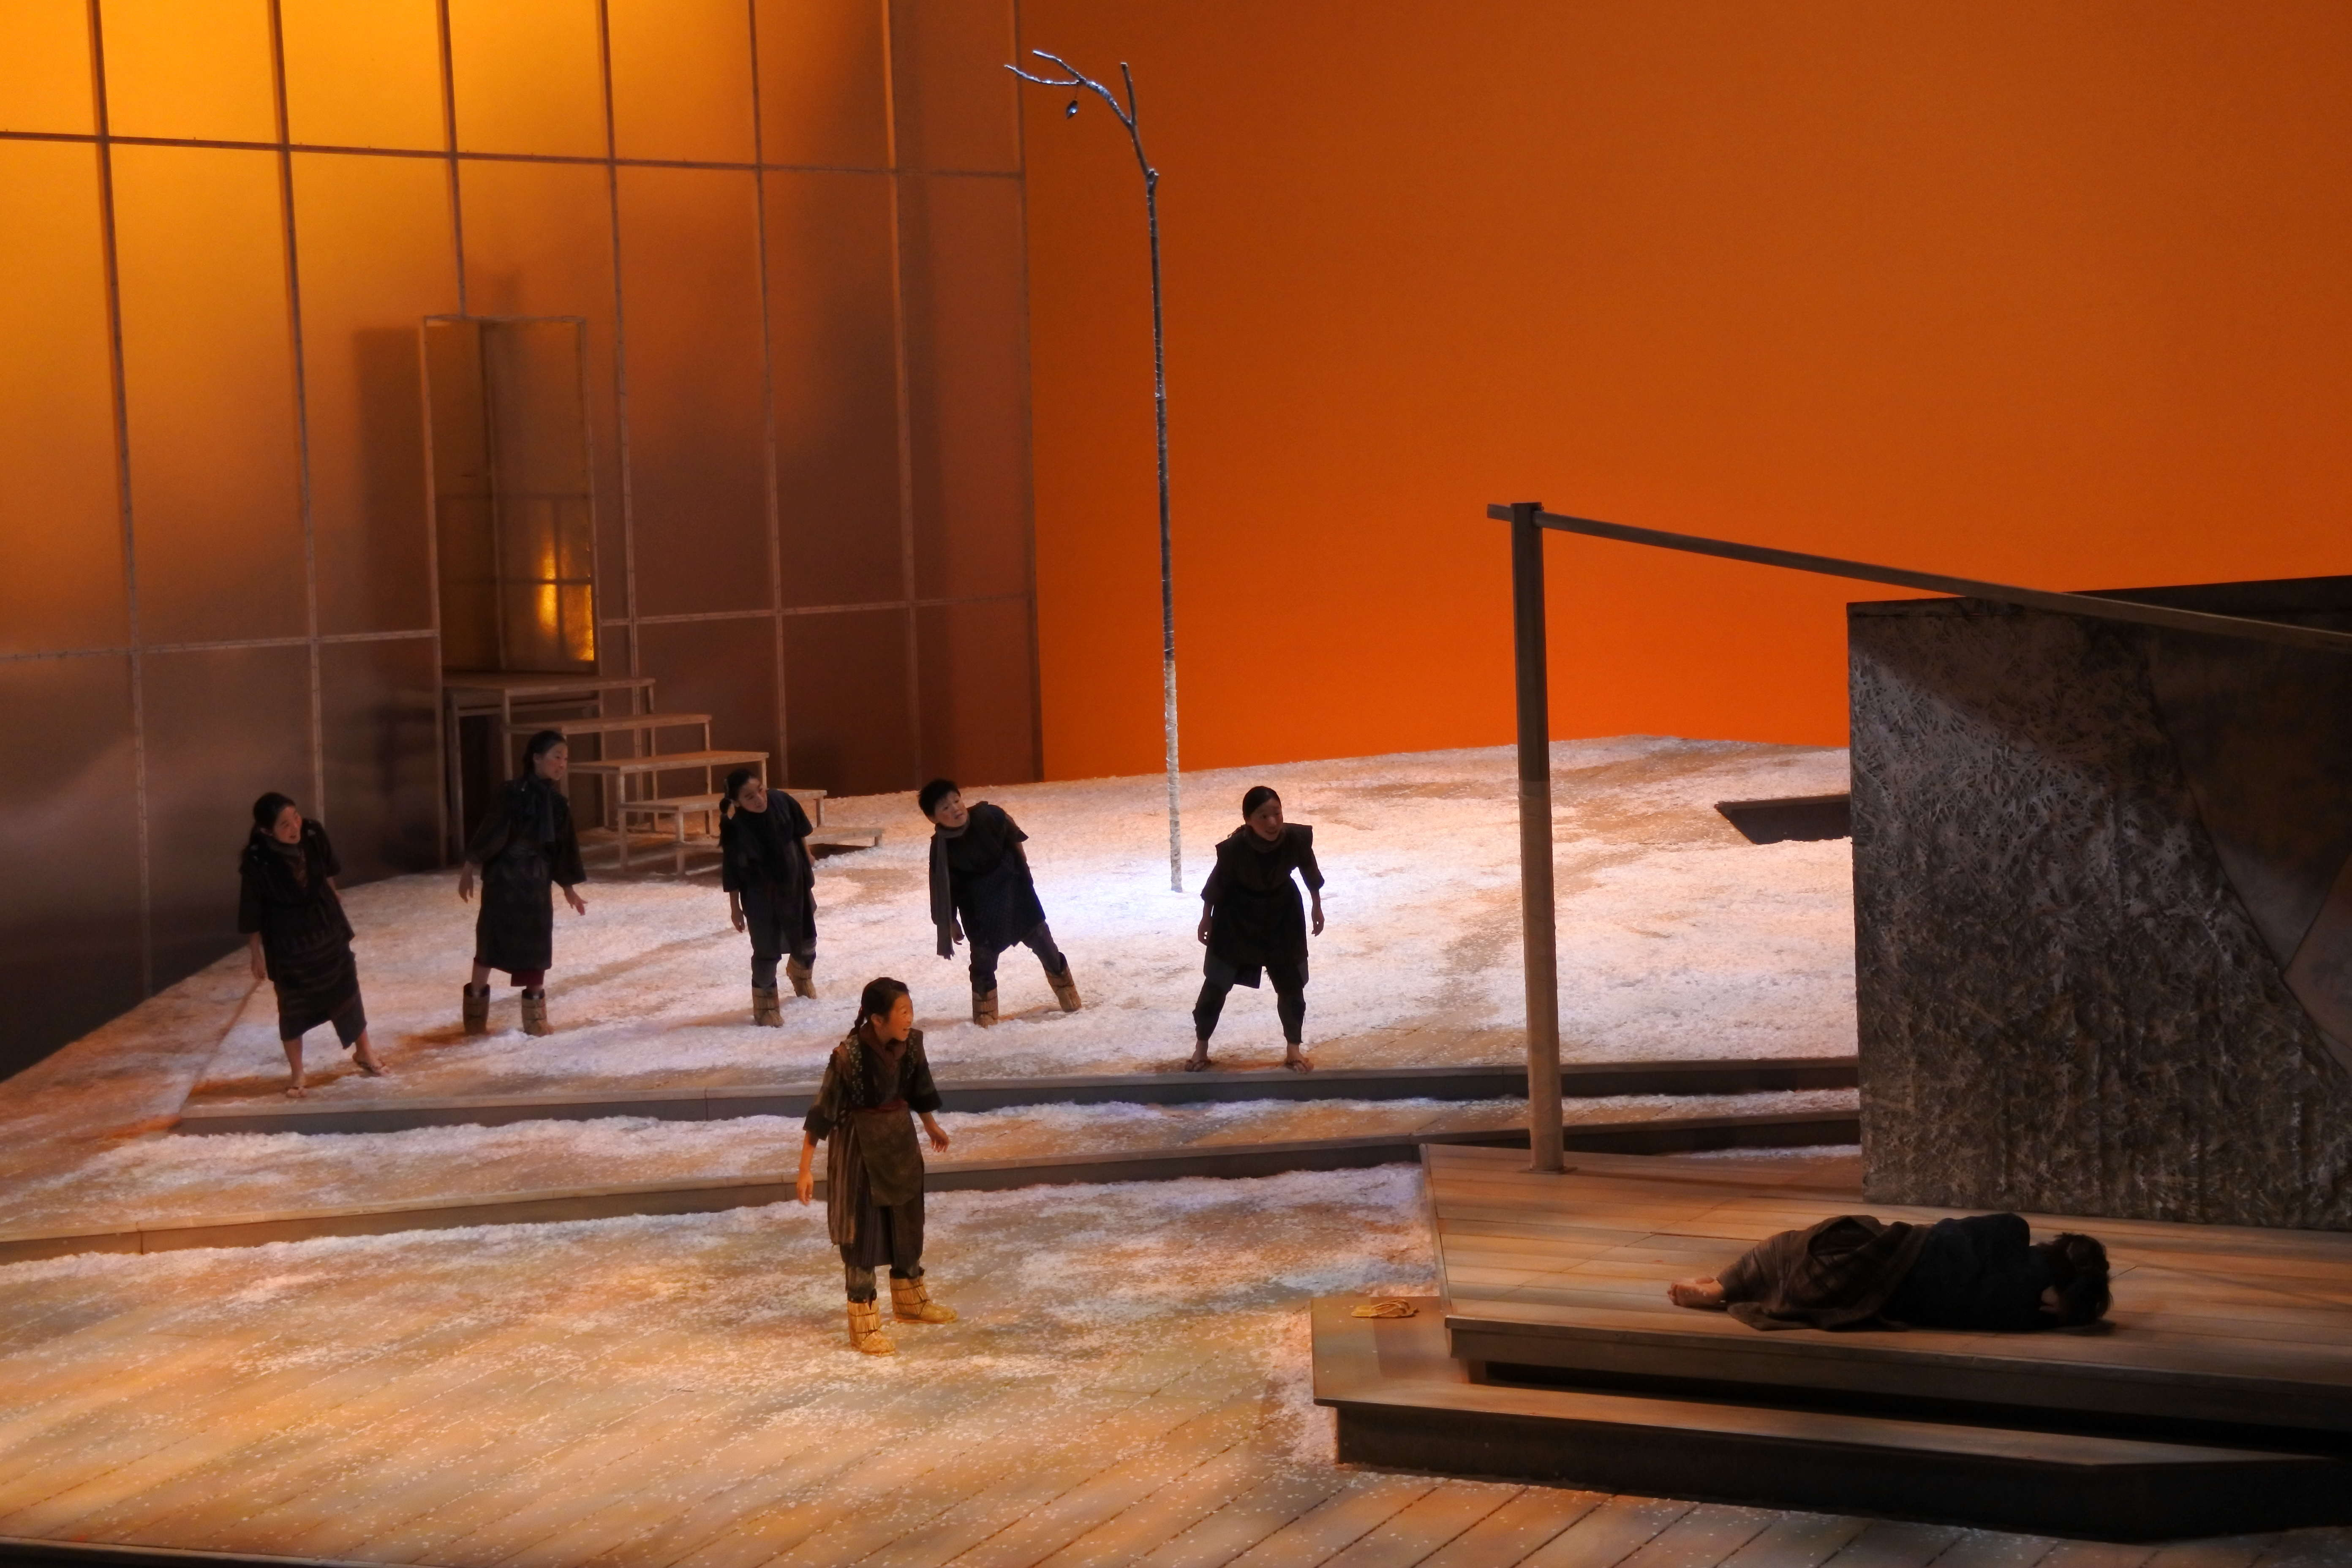 わらべ唄を團伊玖磨は巧みにオペラに採り入れている